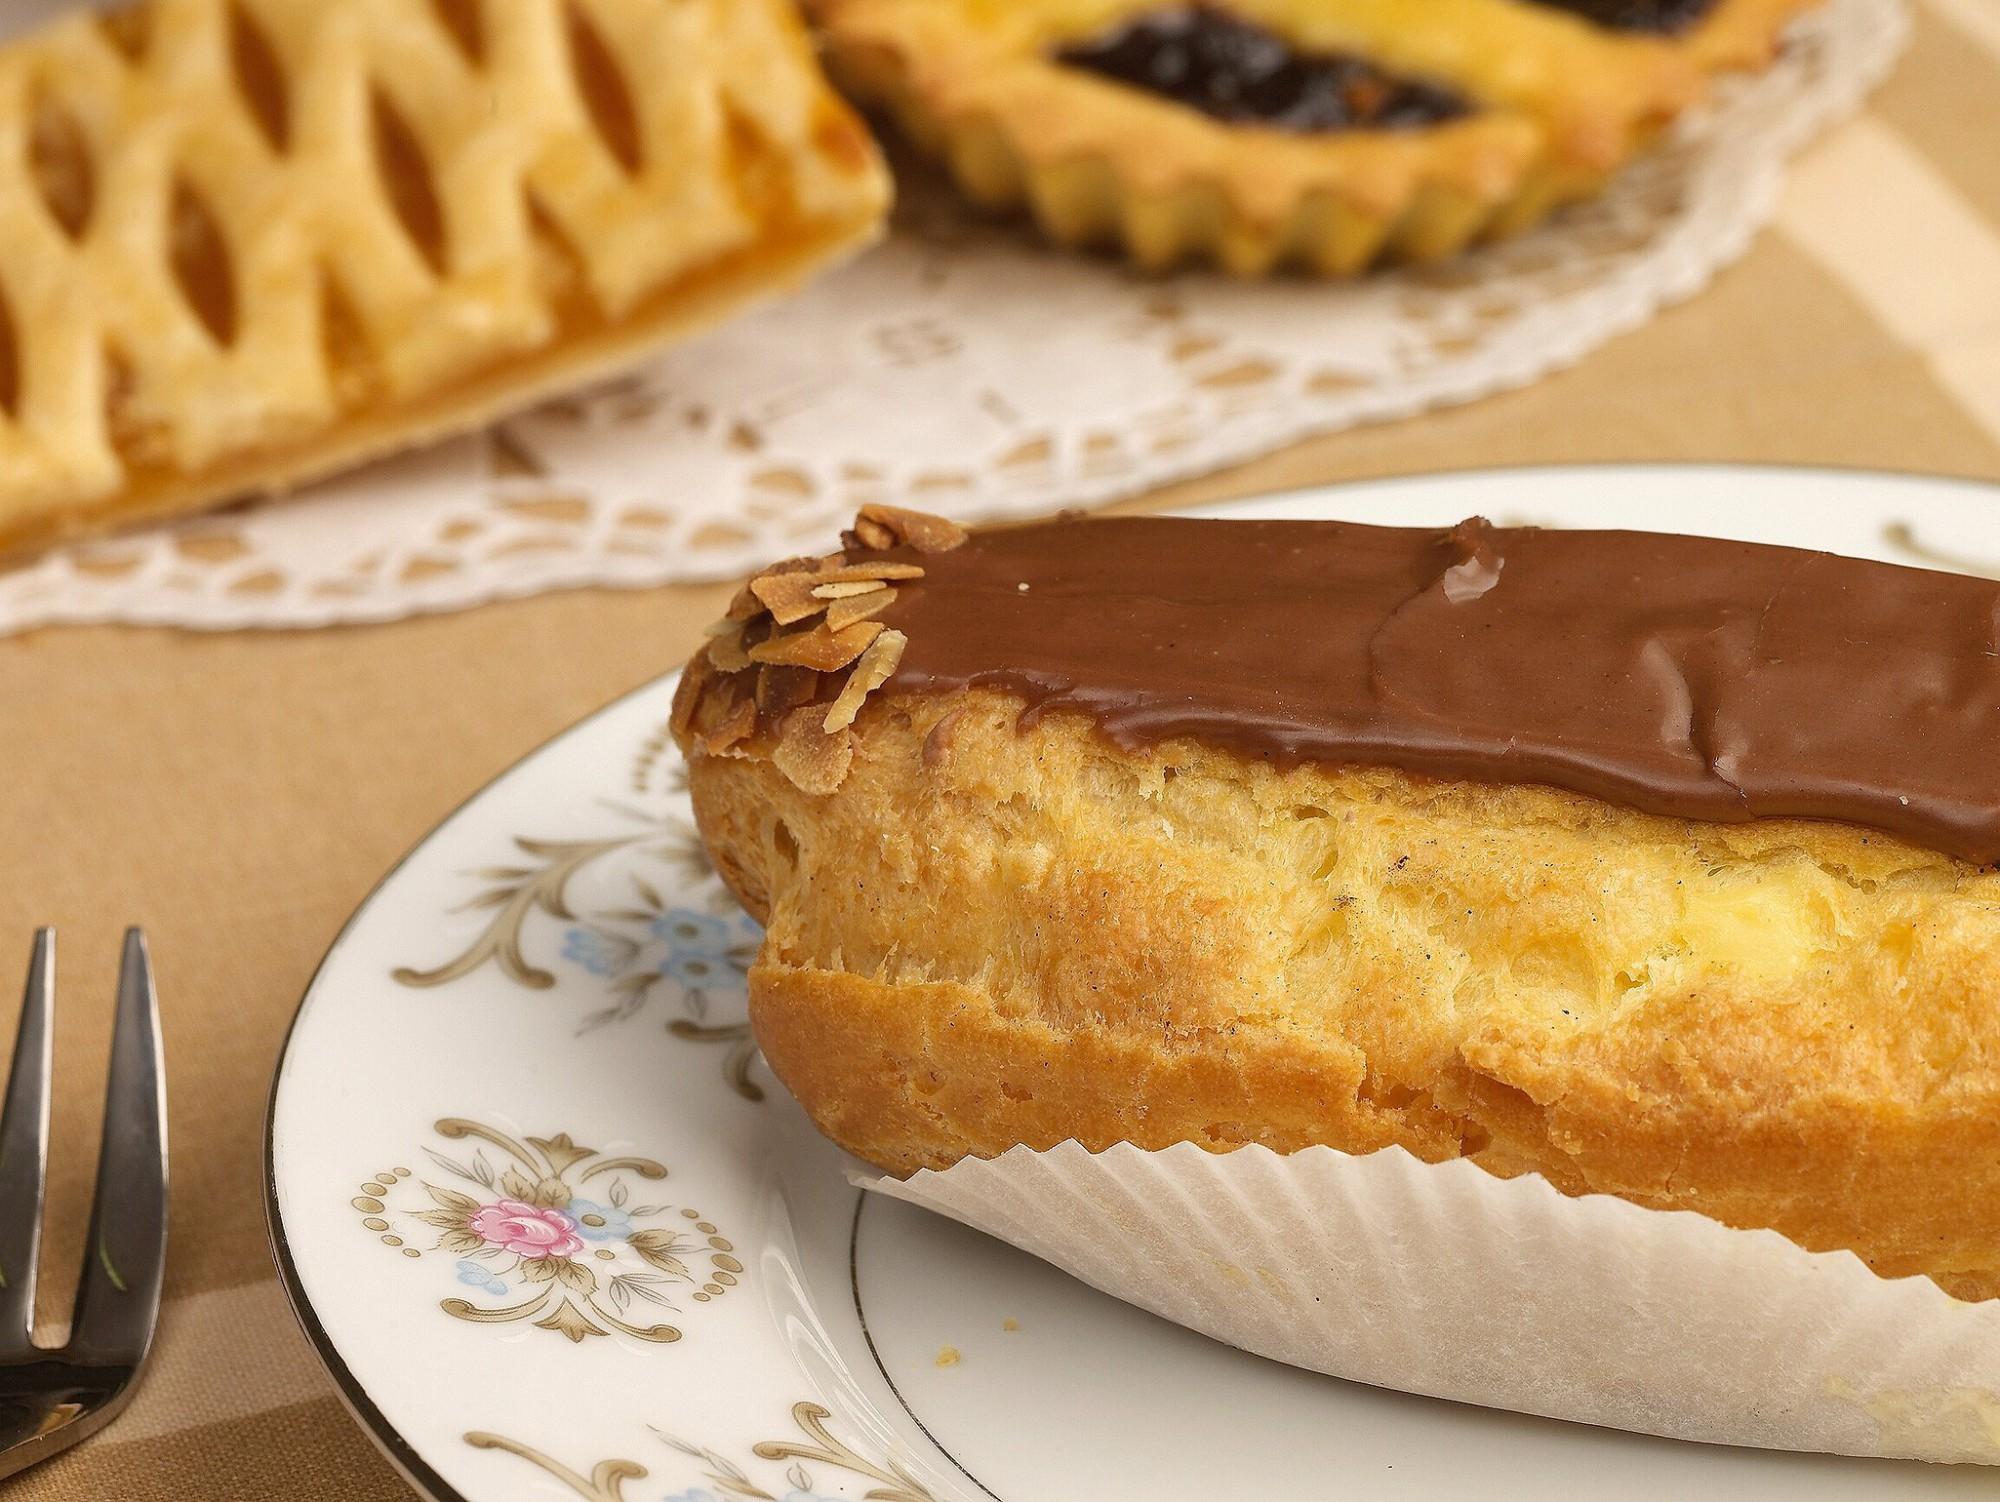 Afbeelding: Food fotografie voor cadeaubonnen voor Paper Art.